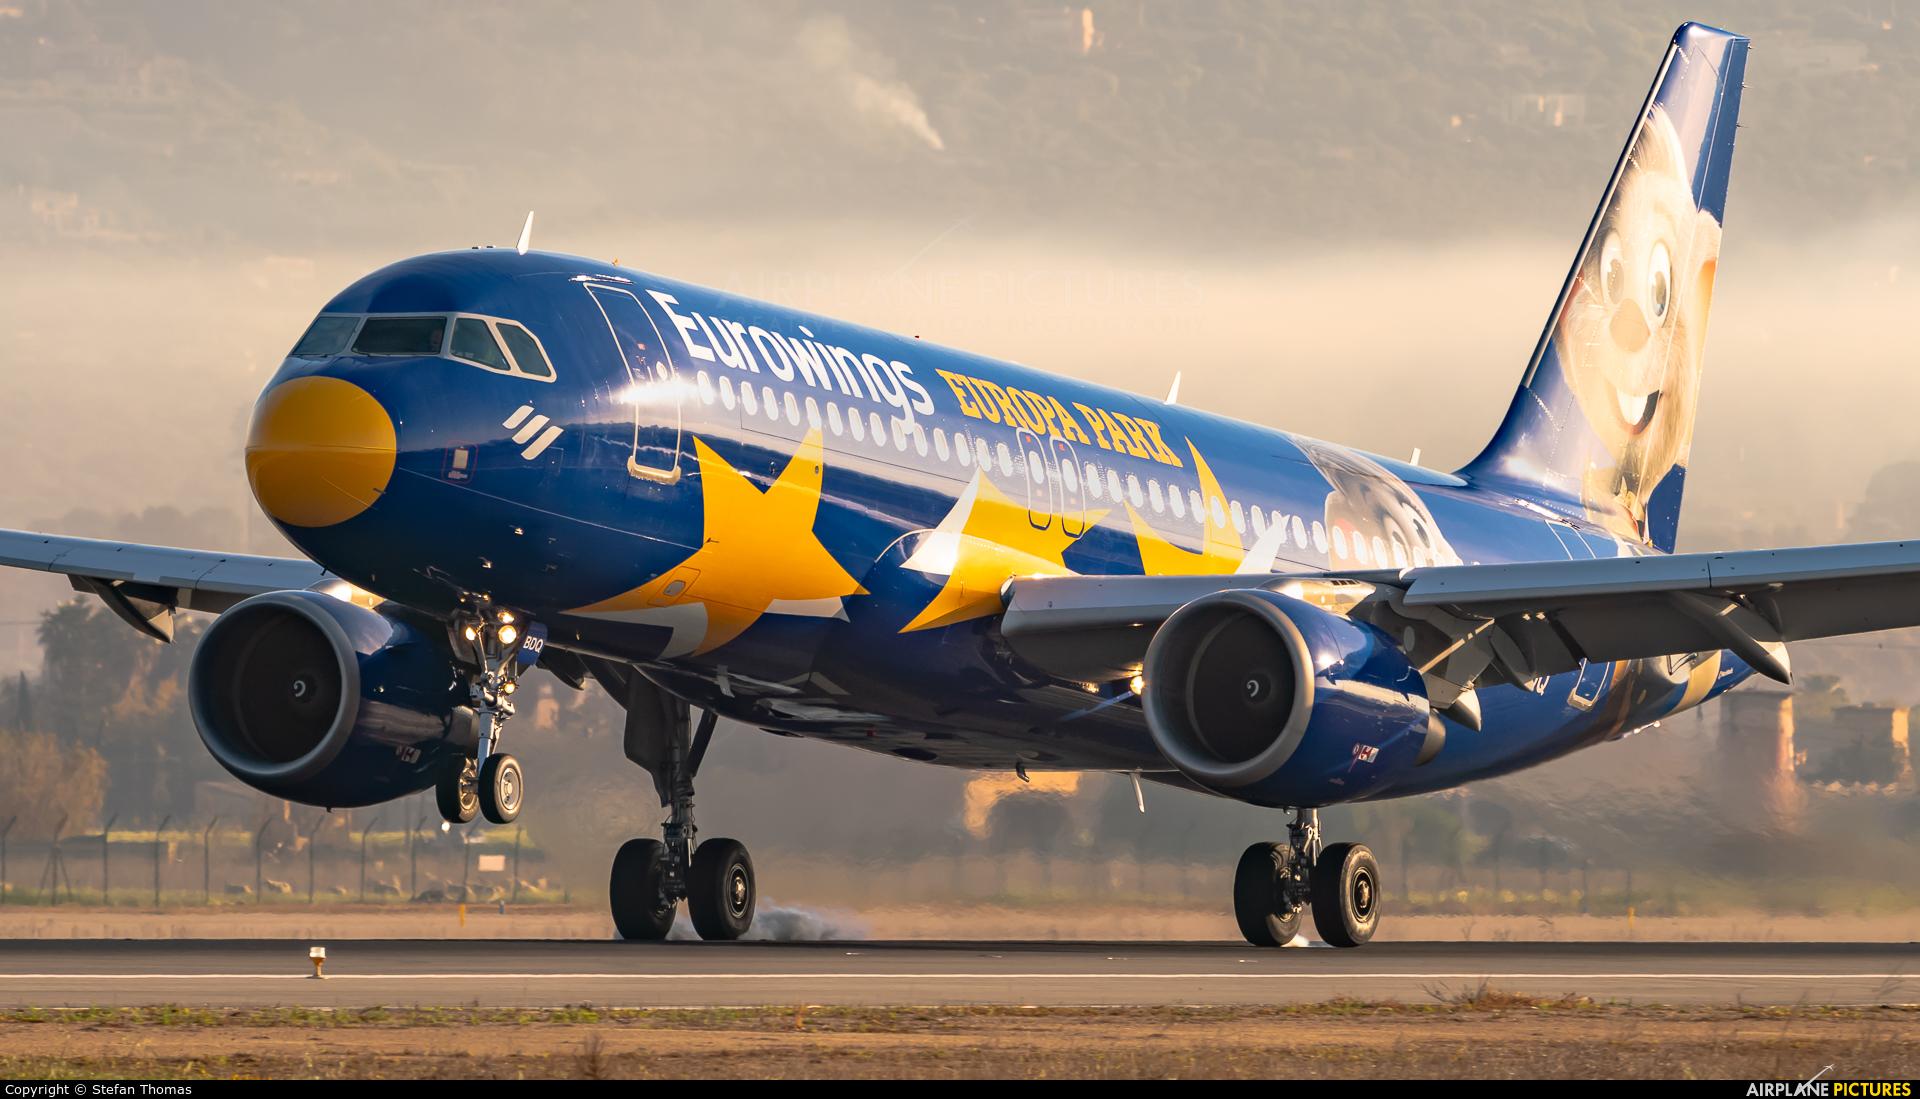 Eurowings D-ABDQ aircraft at Palma de Mallorca